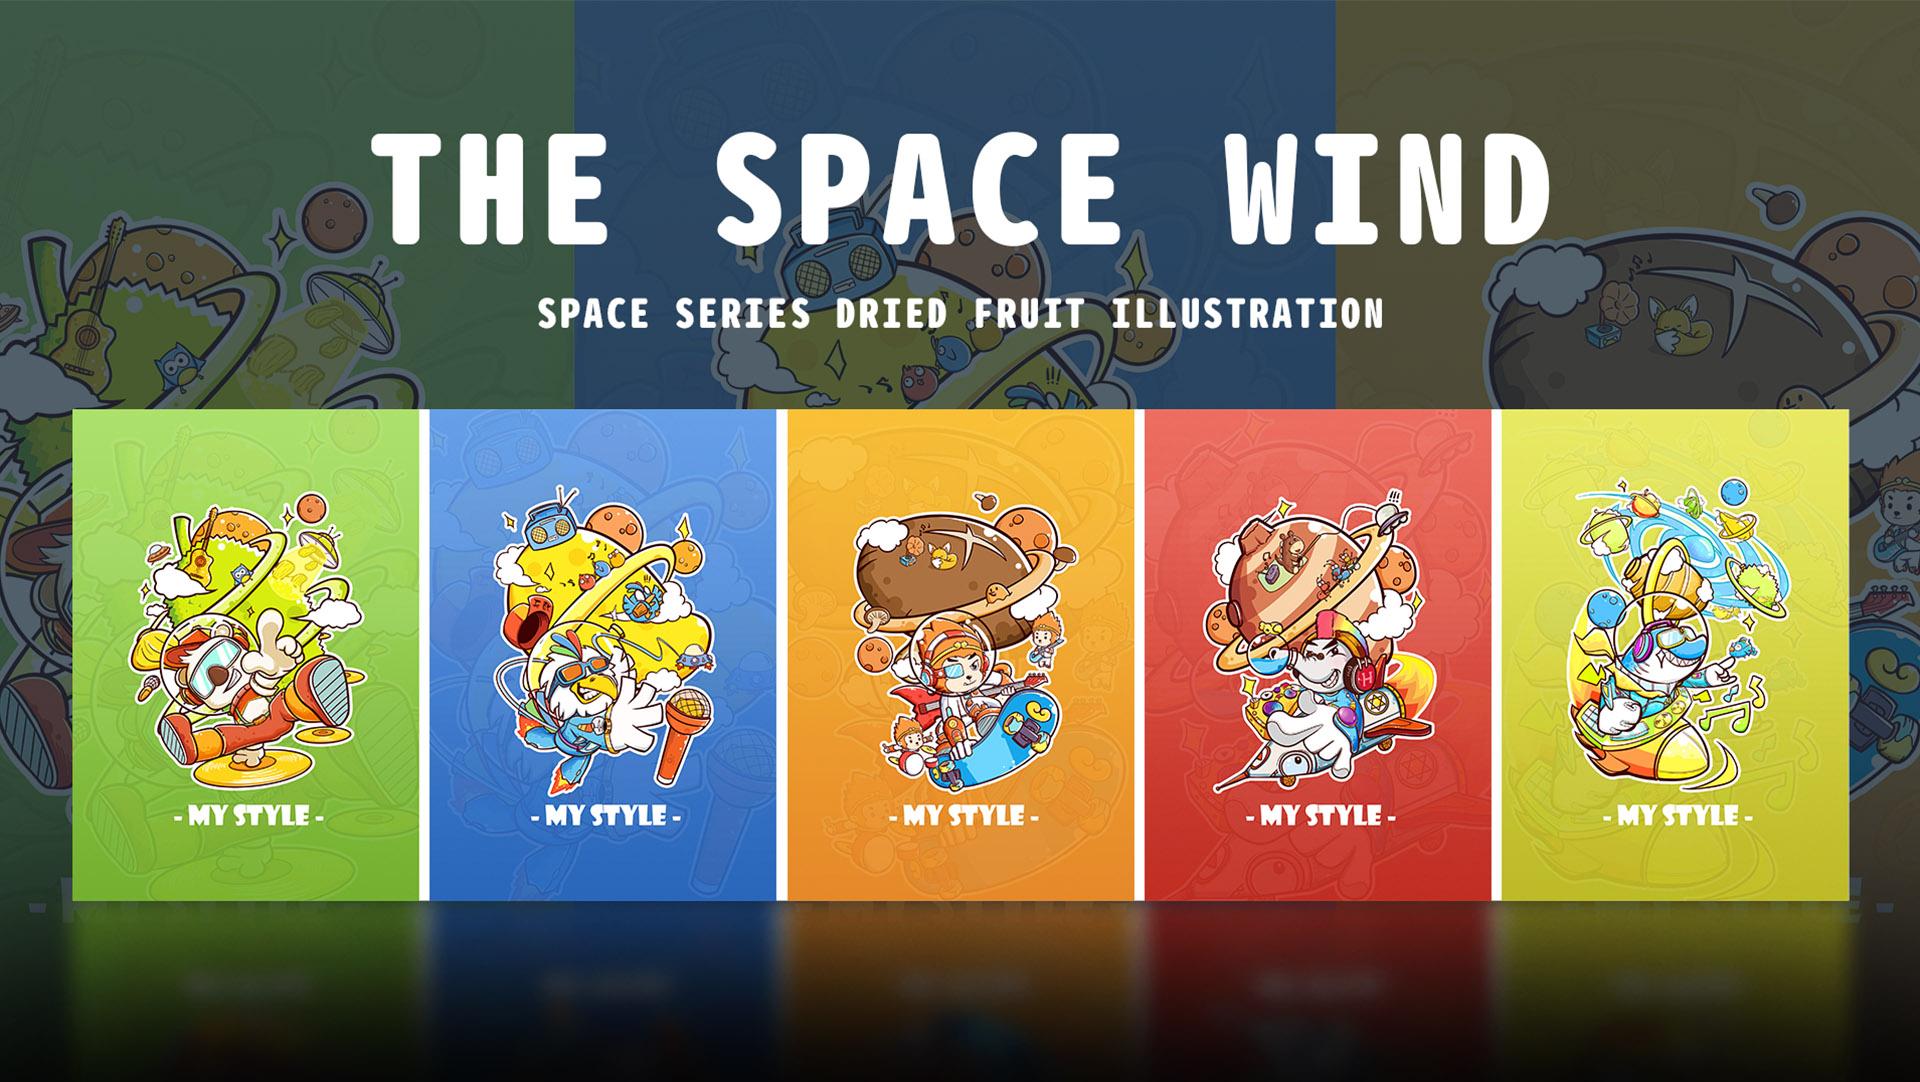 太空系果干包装插画